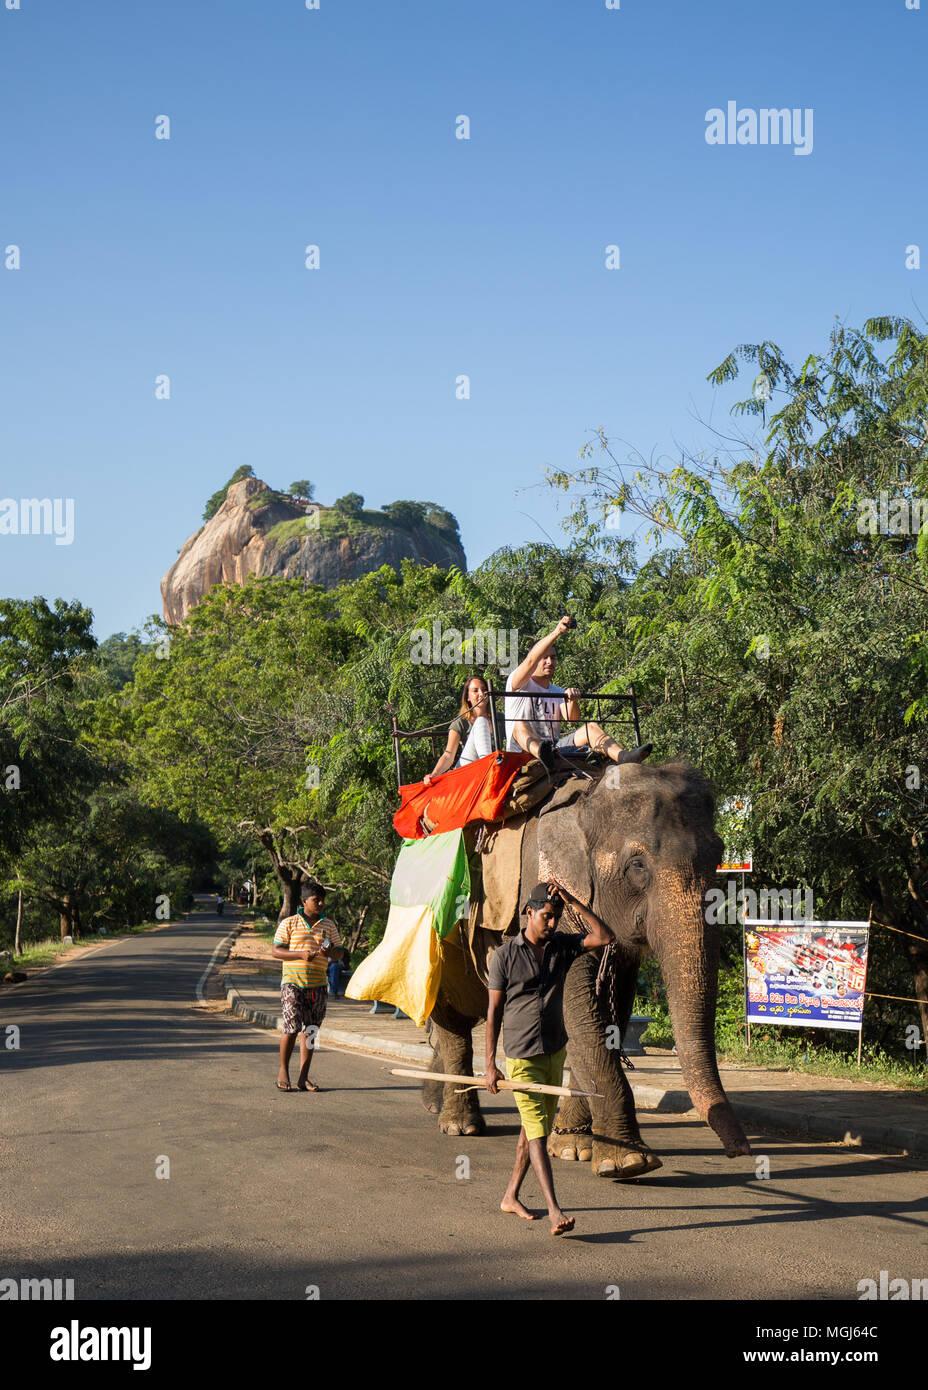 Los turistas cabalgando sobre un elefante cerca de la Roca de Sigiriya fortaleza, Provincia Central, Sri Lanka, Asia. Imagen De Stock